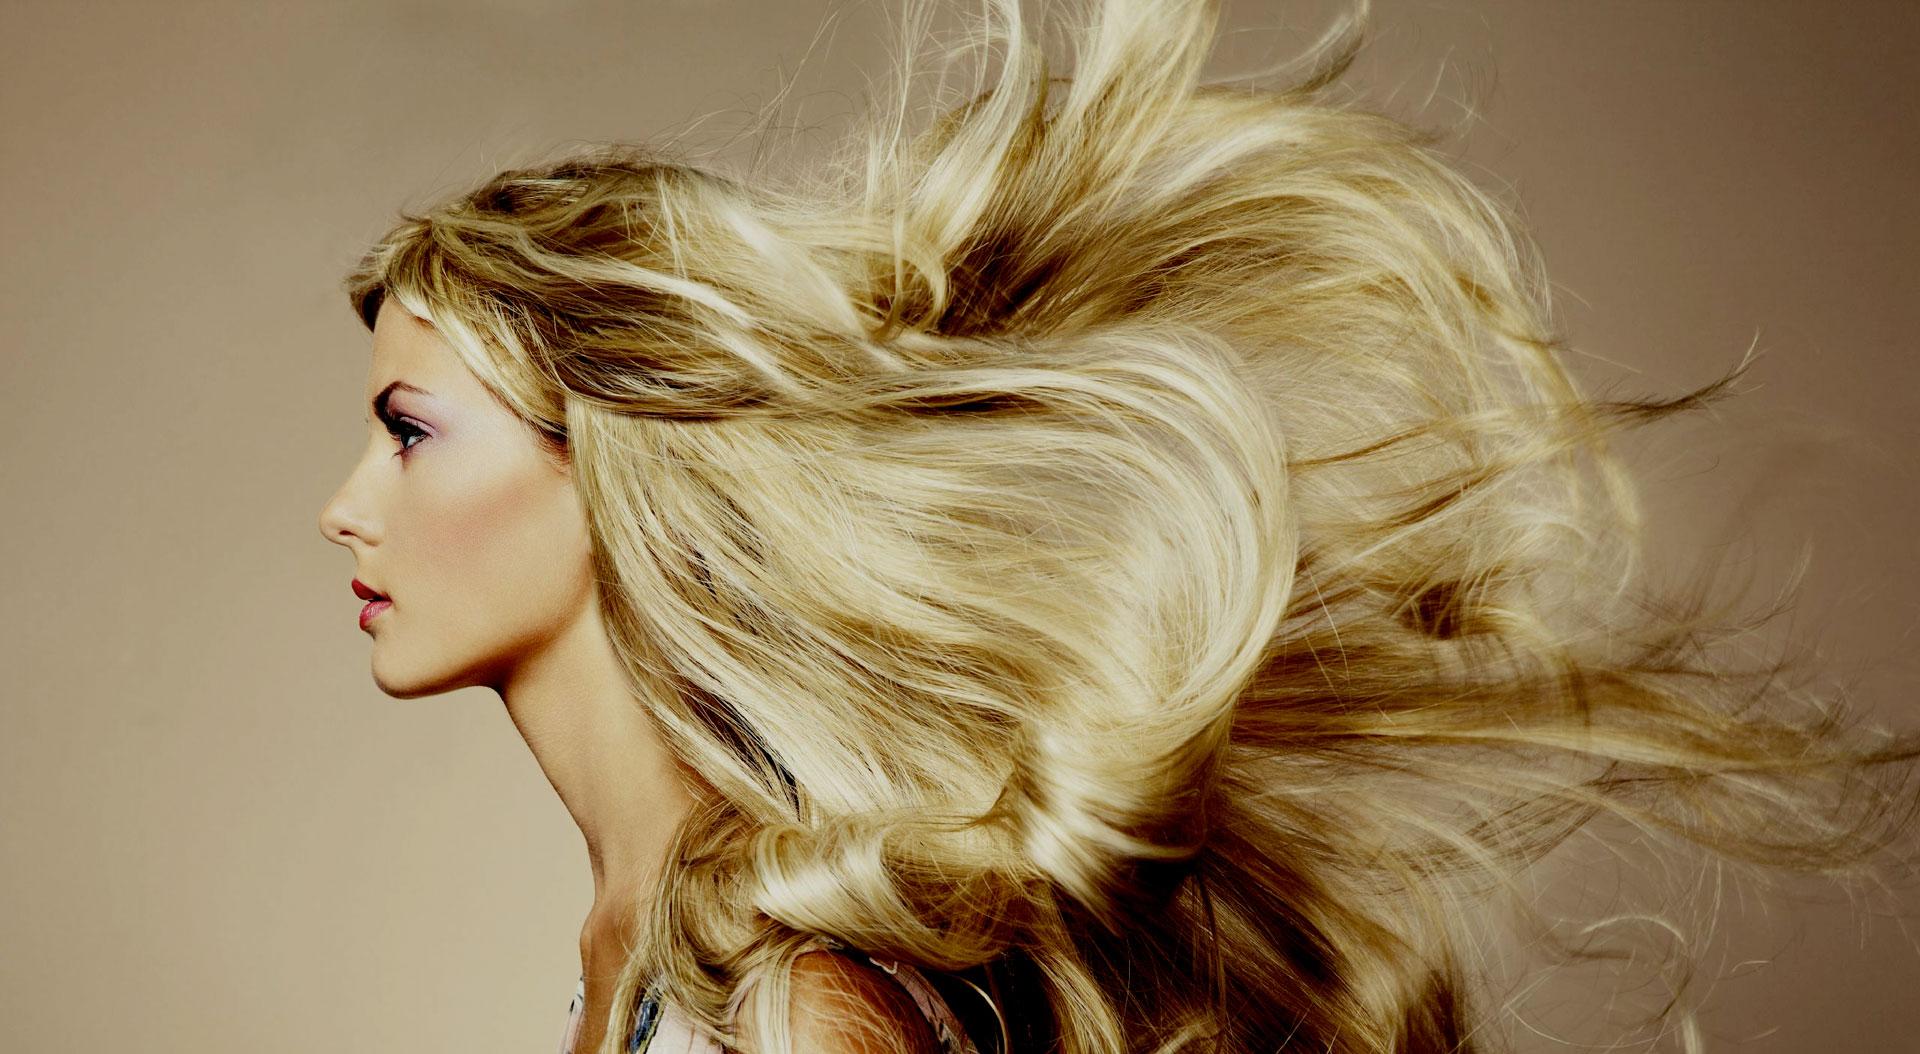 Фото девушек с мелированными волосами на аву